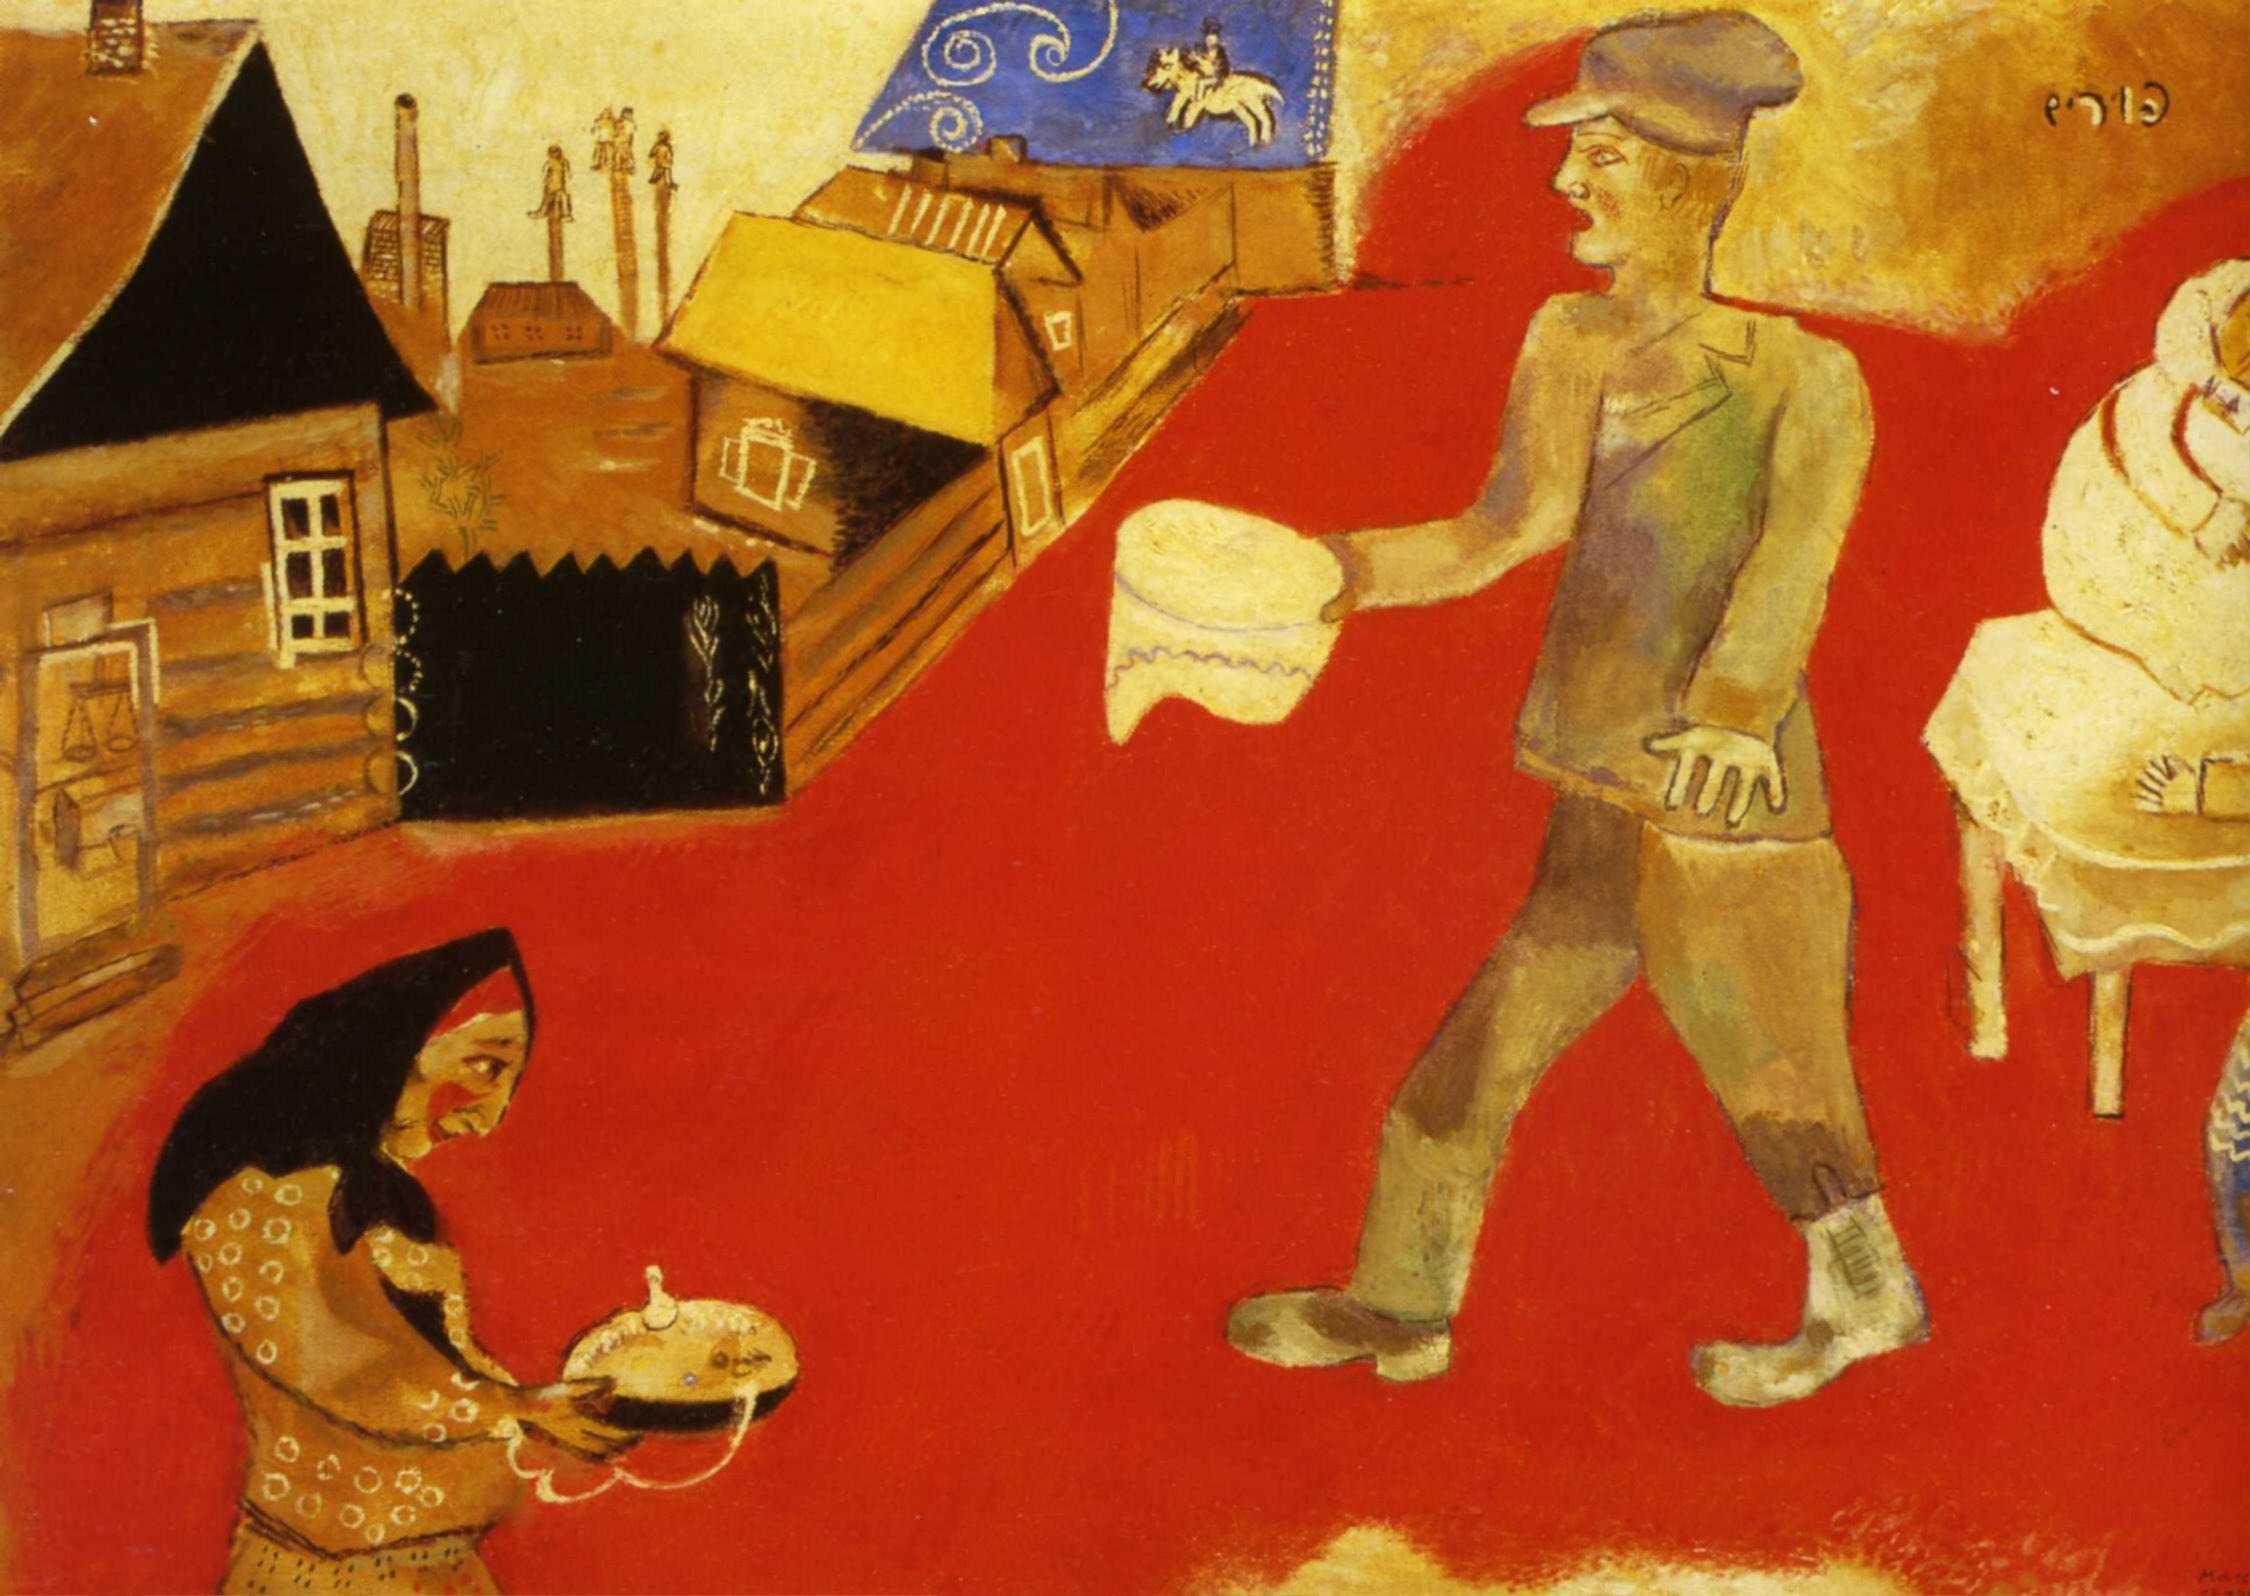 Марк Шагал (1887 - 1985) — российский и французский художник еврейского происхождения. 1912. «Сцена из деревенской жизни»